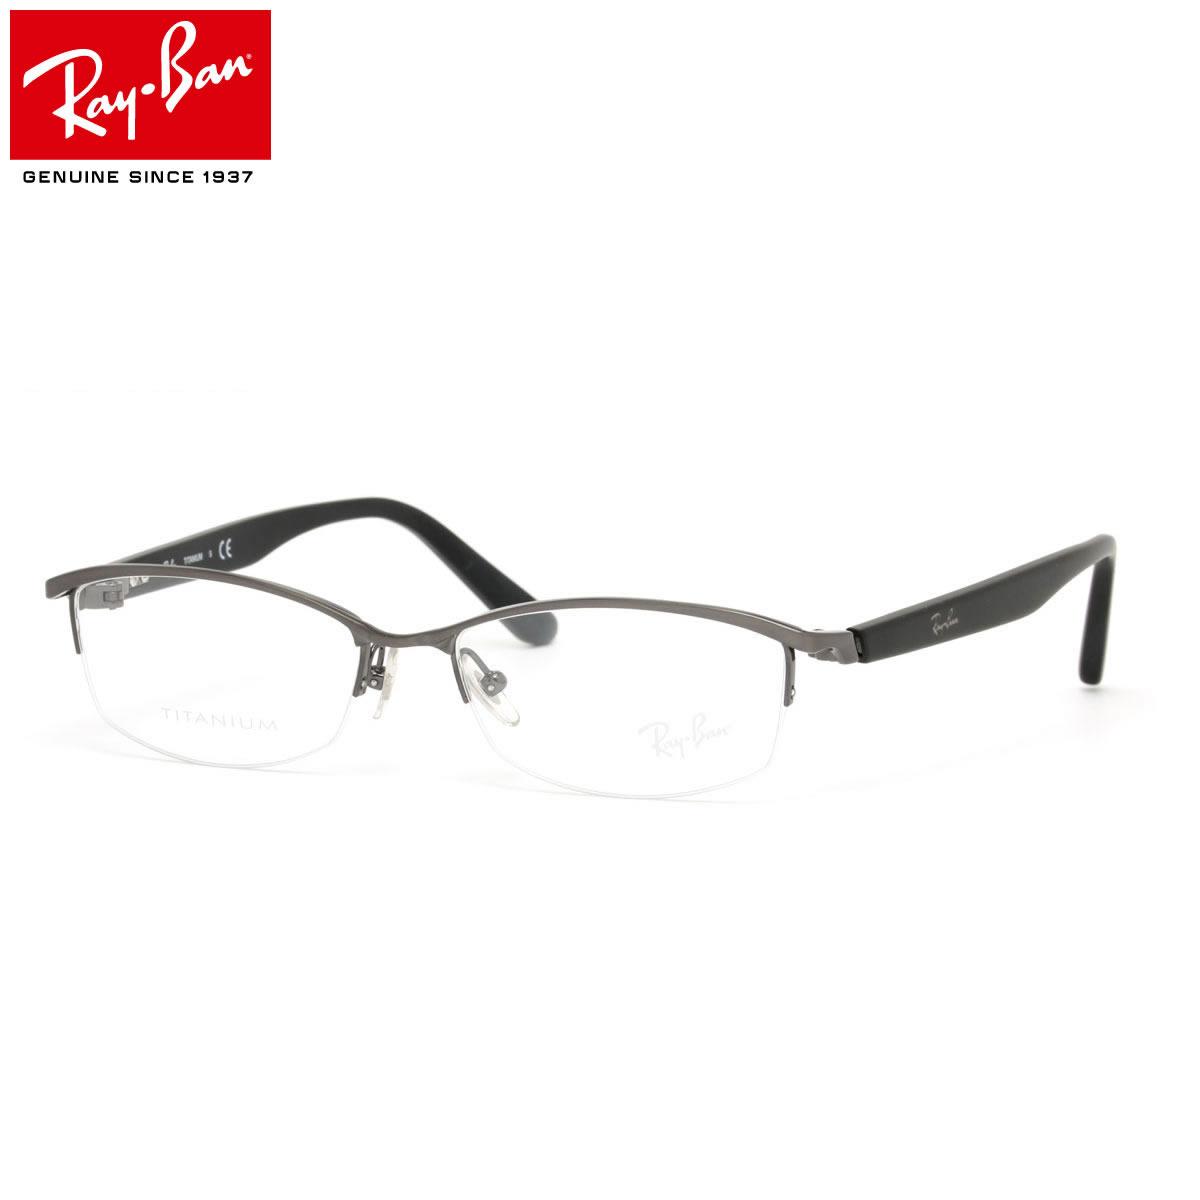 【10月30日からエントリーで全品ポイント20倍】レイバン メガネ フレーム Ray-Ban RX8731D 1047 55サイズ レイバン RAYBAN メンズ レディース